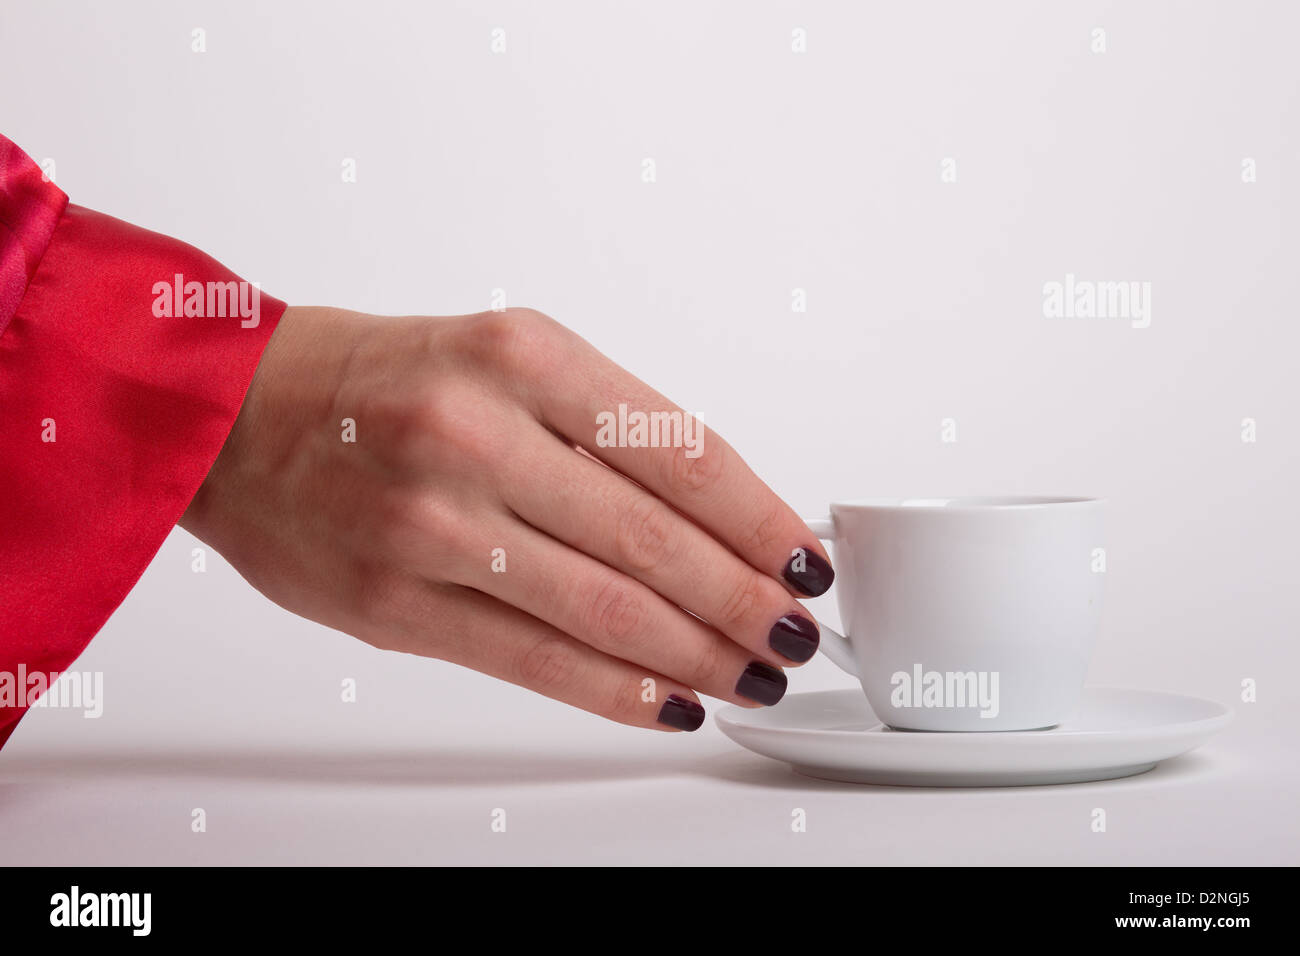 Eine Frau trägt ein rotes Gewand ist für eine Tasse Espresso am Morgen weiß reaching out Stockfoto